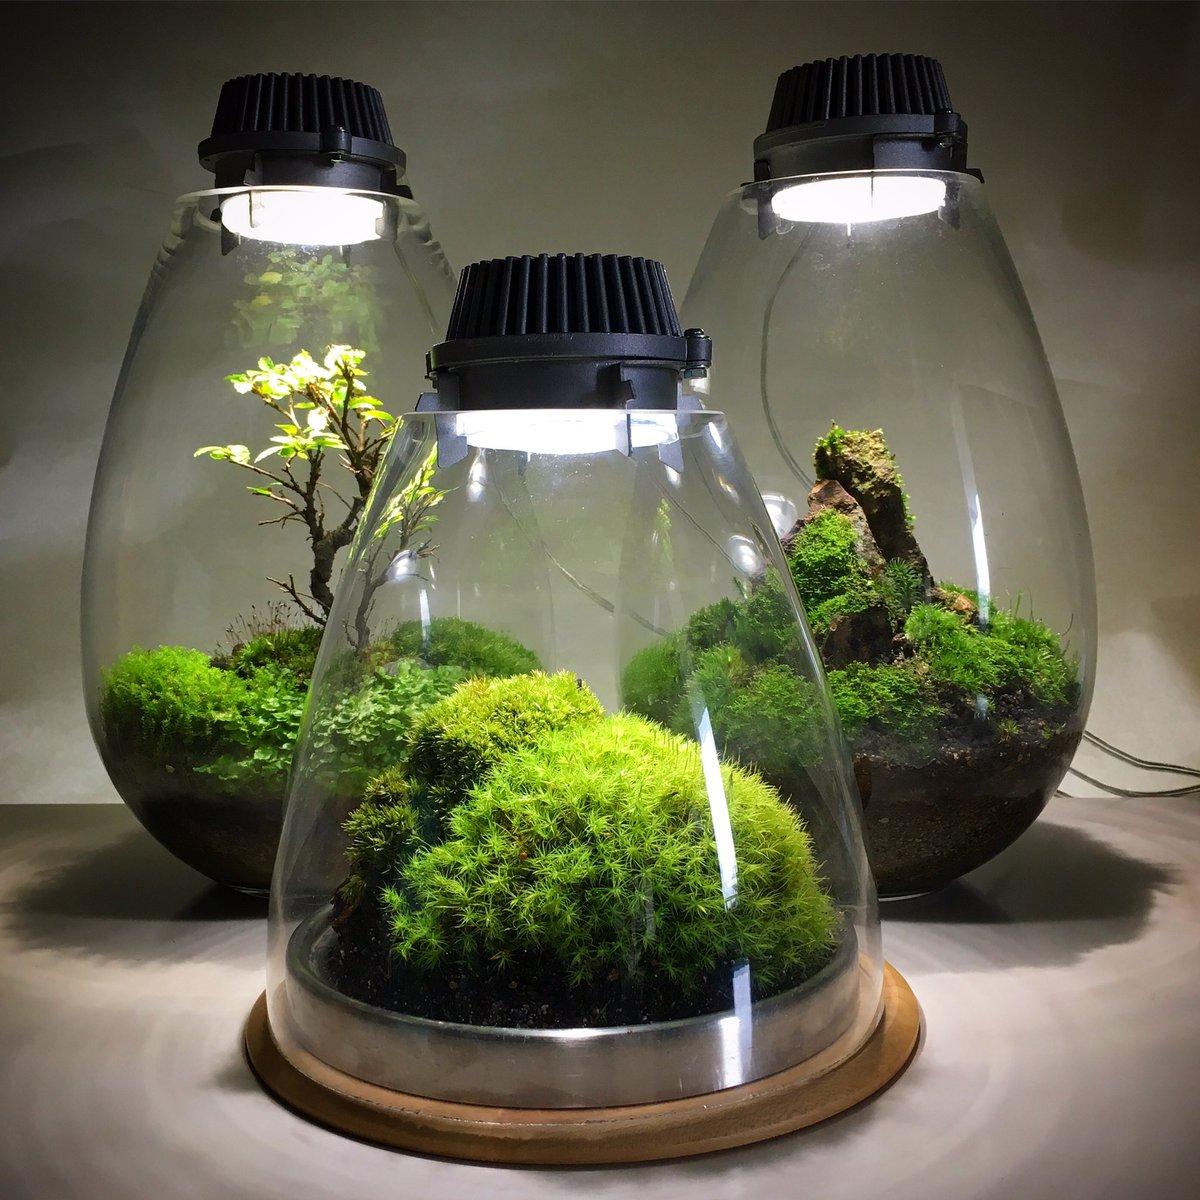 Mosslight Led On Twitter Quot Ã�ランダのコケ盆栽から、元気そうなタマゴケをもってきて